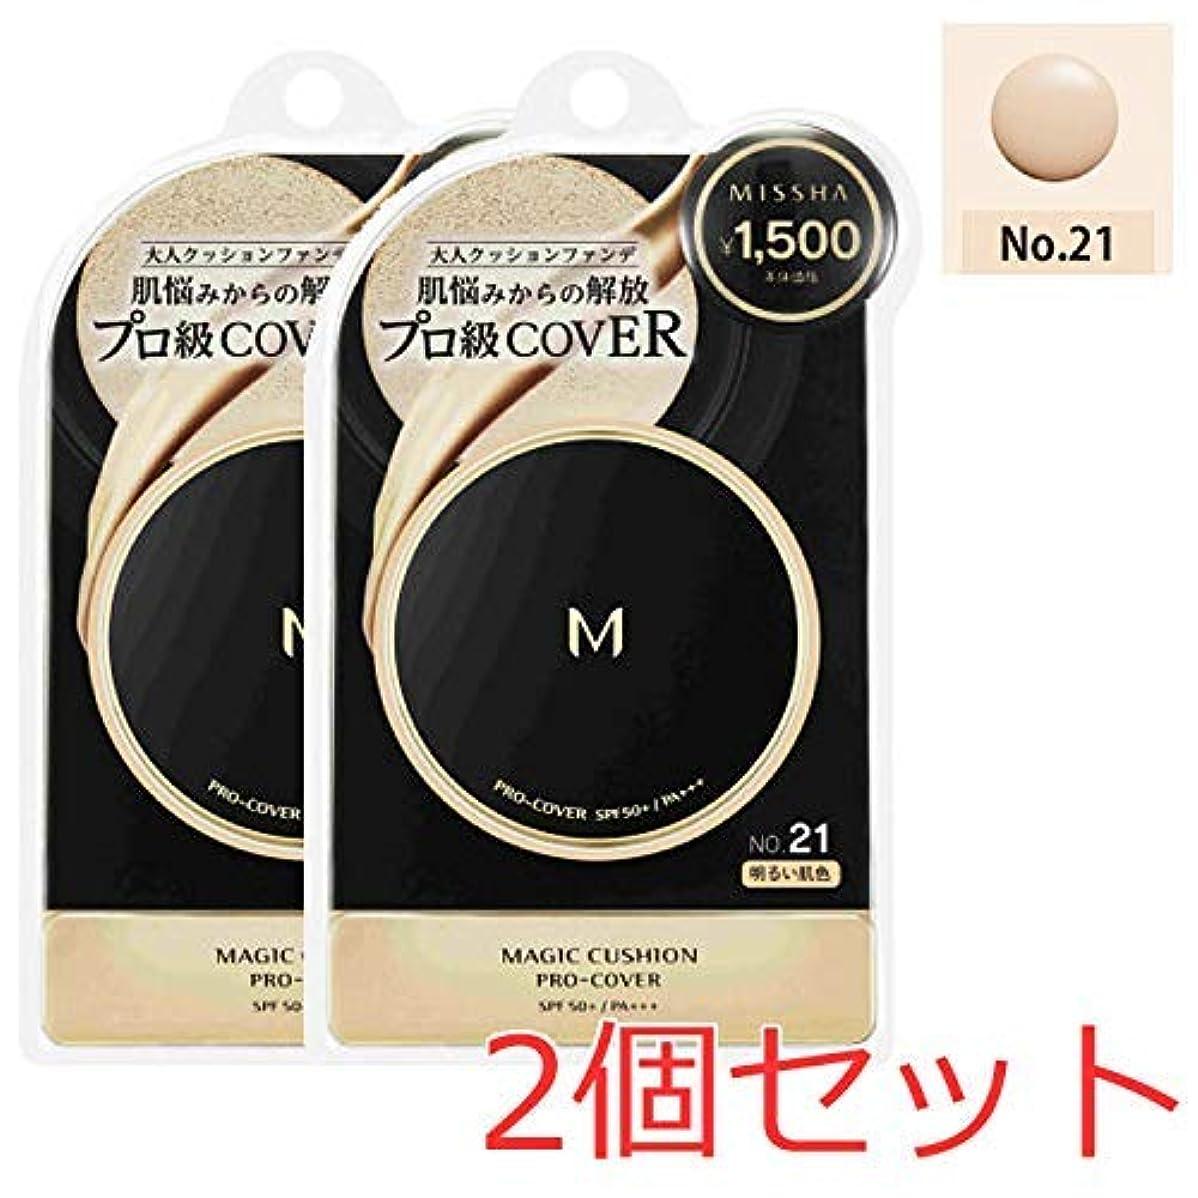 本土鍔近代化ミシャ MISSHA M クッションファンデーション(プロカバー) No.21 15g 2個セット